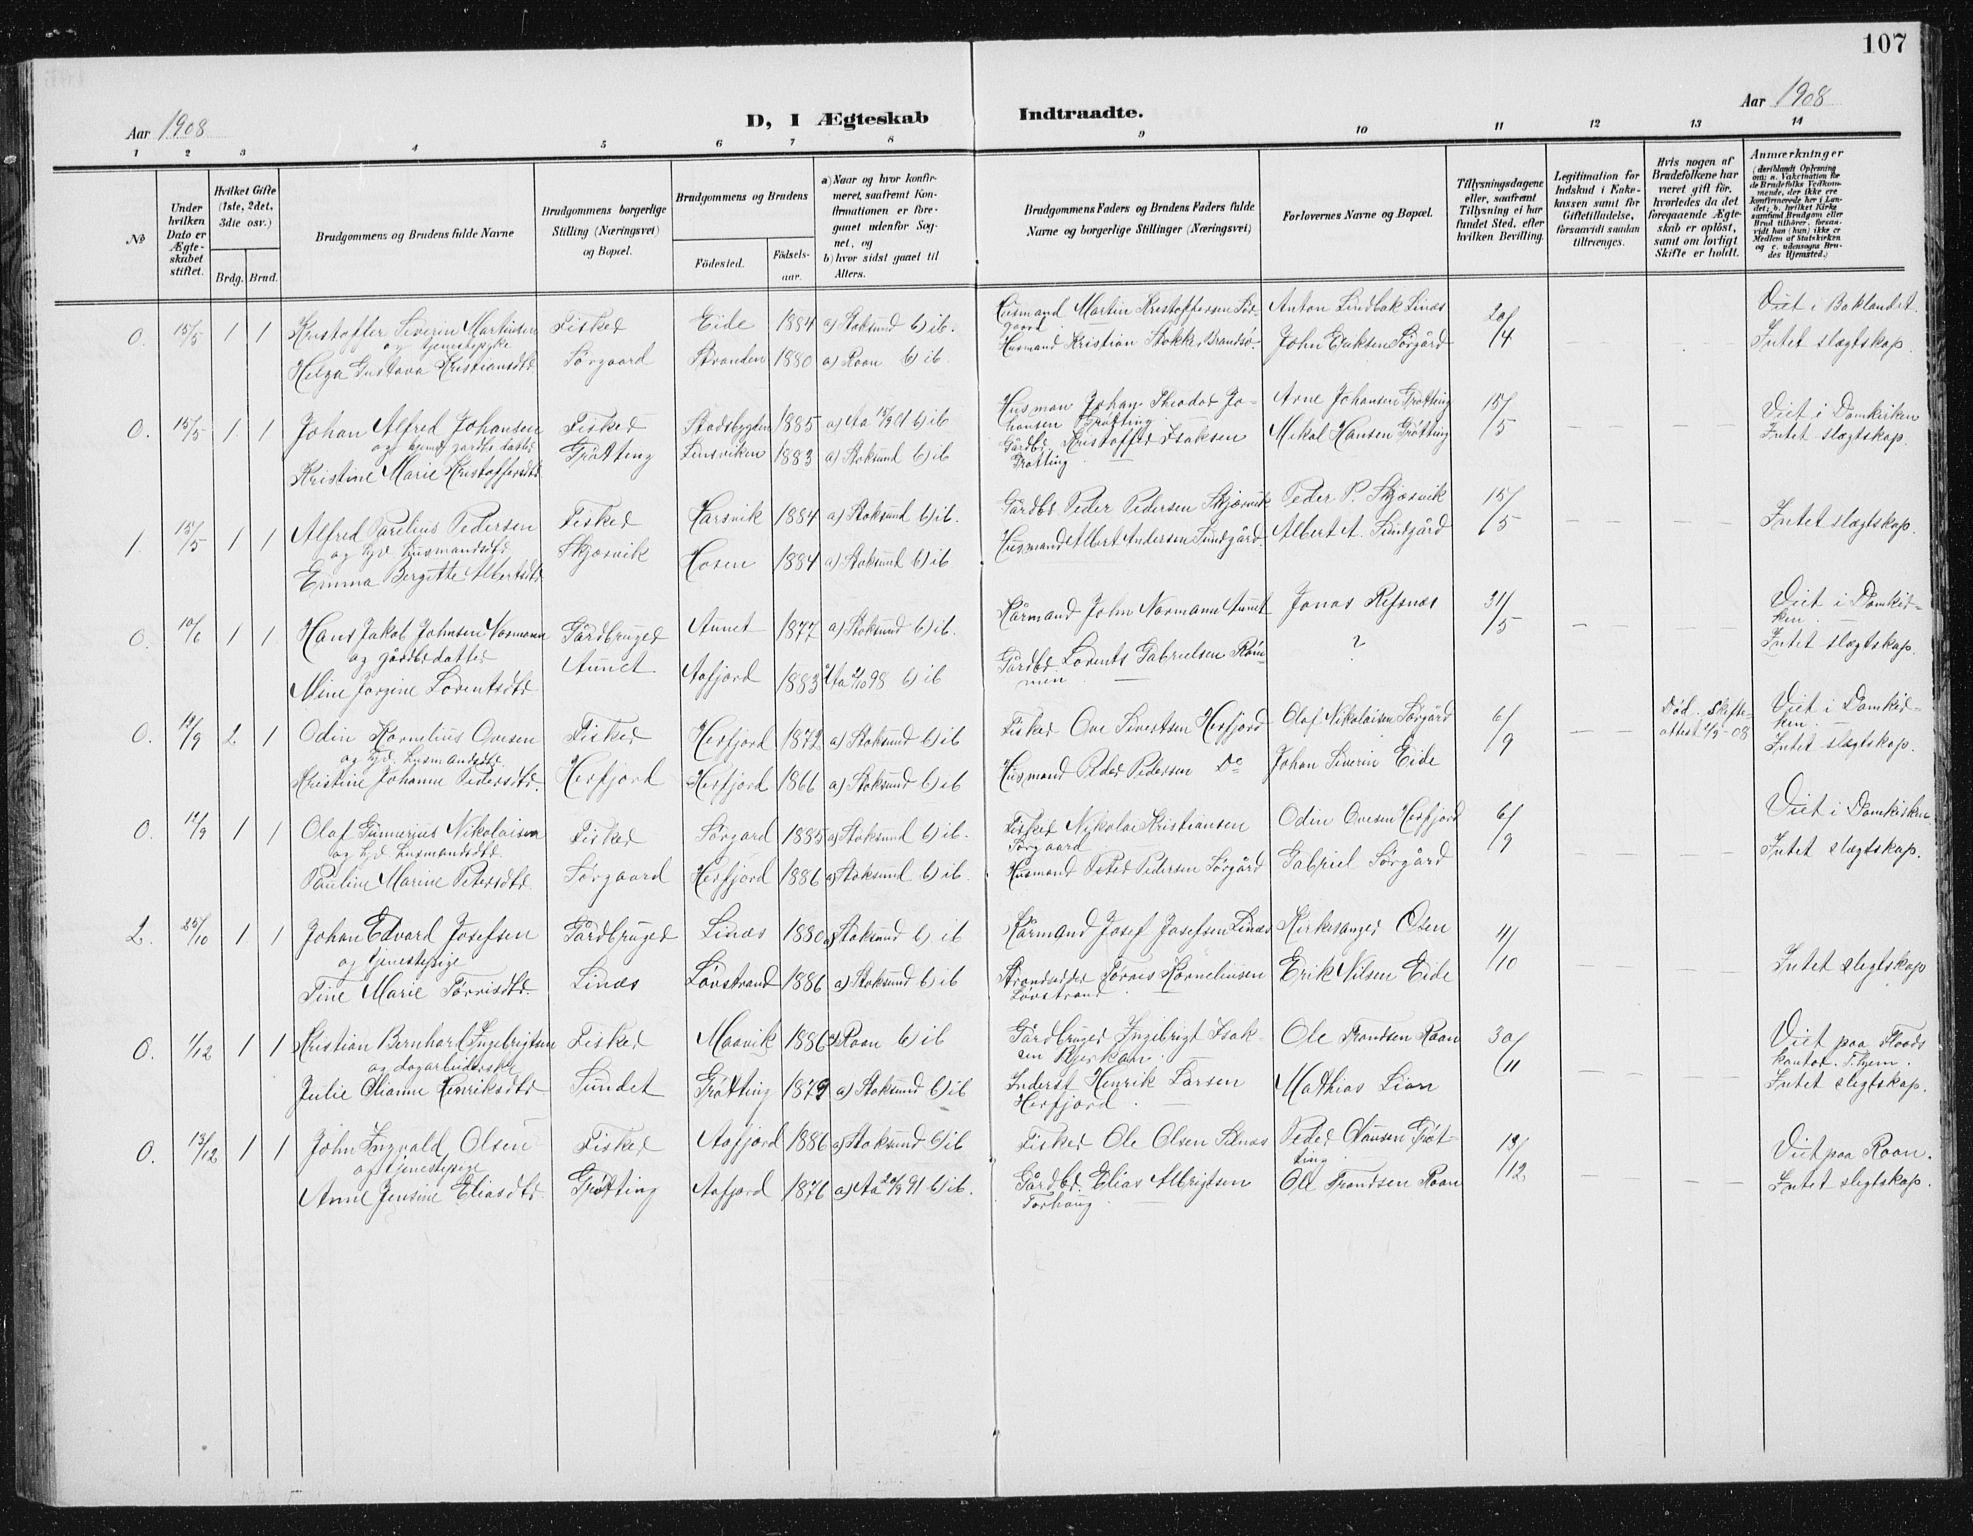 SAT, Ministerialprotokoller, klokkerbøker og fødselsregistre - Sør-Trøndelag, 656/L0699: Klokkerbok nr. 656C05, 1905-1920, s. 107